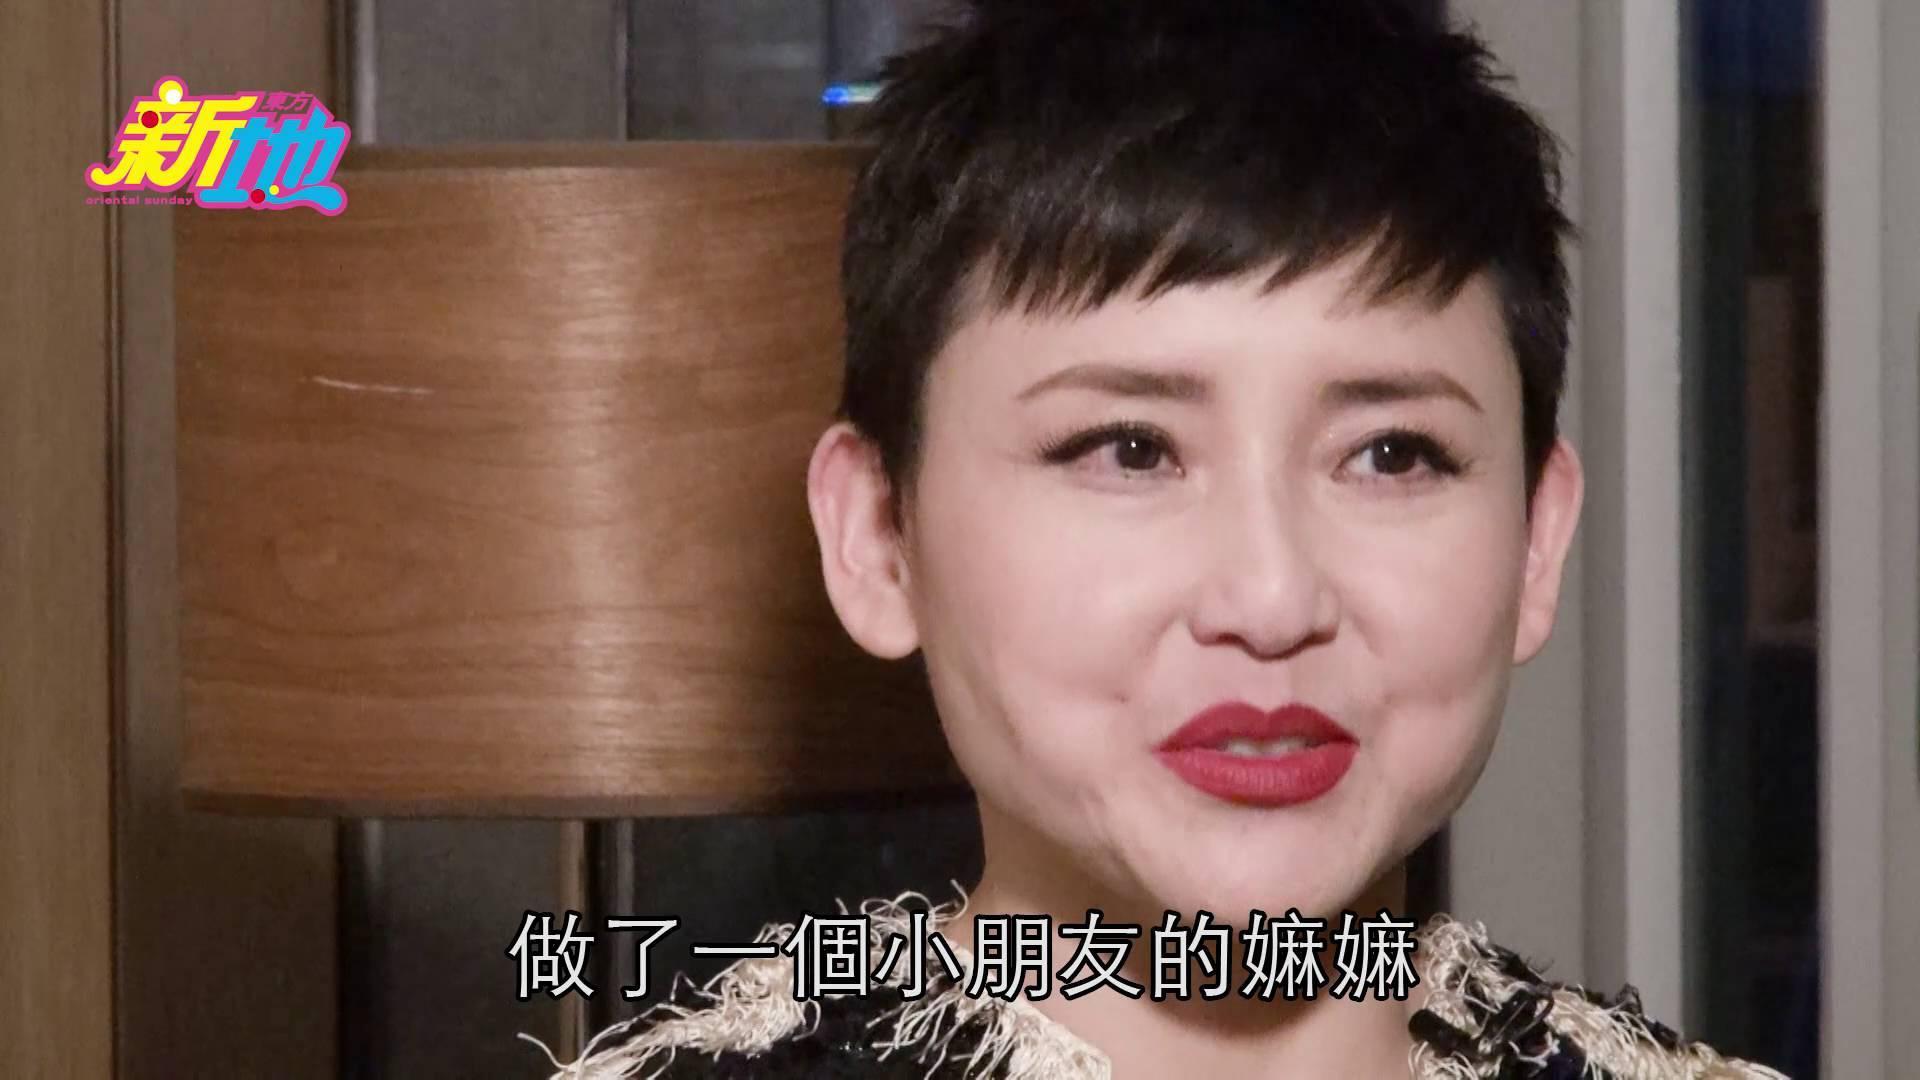 劉美君:我責任縱! 未夠50做嫲嫲|東方新地